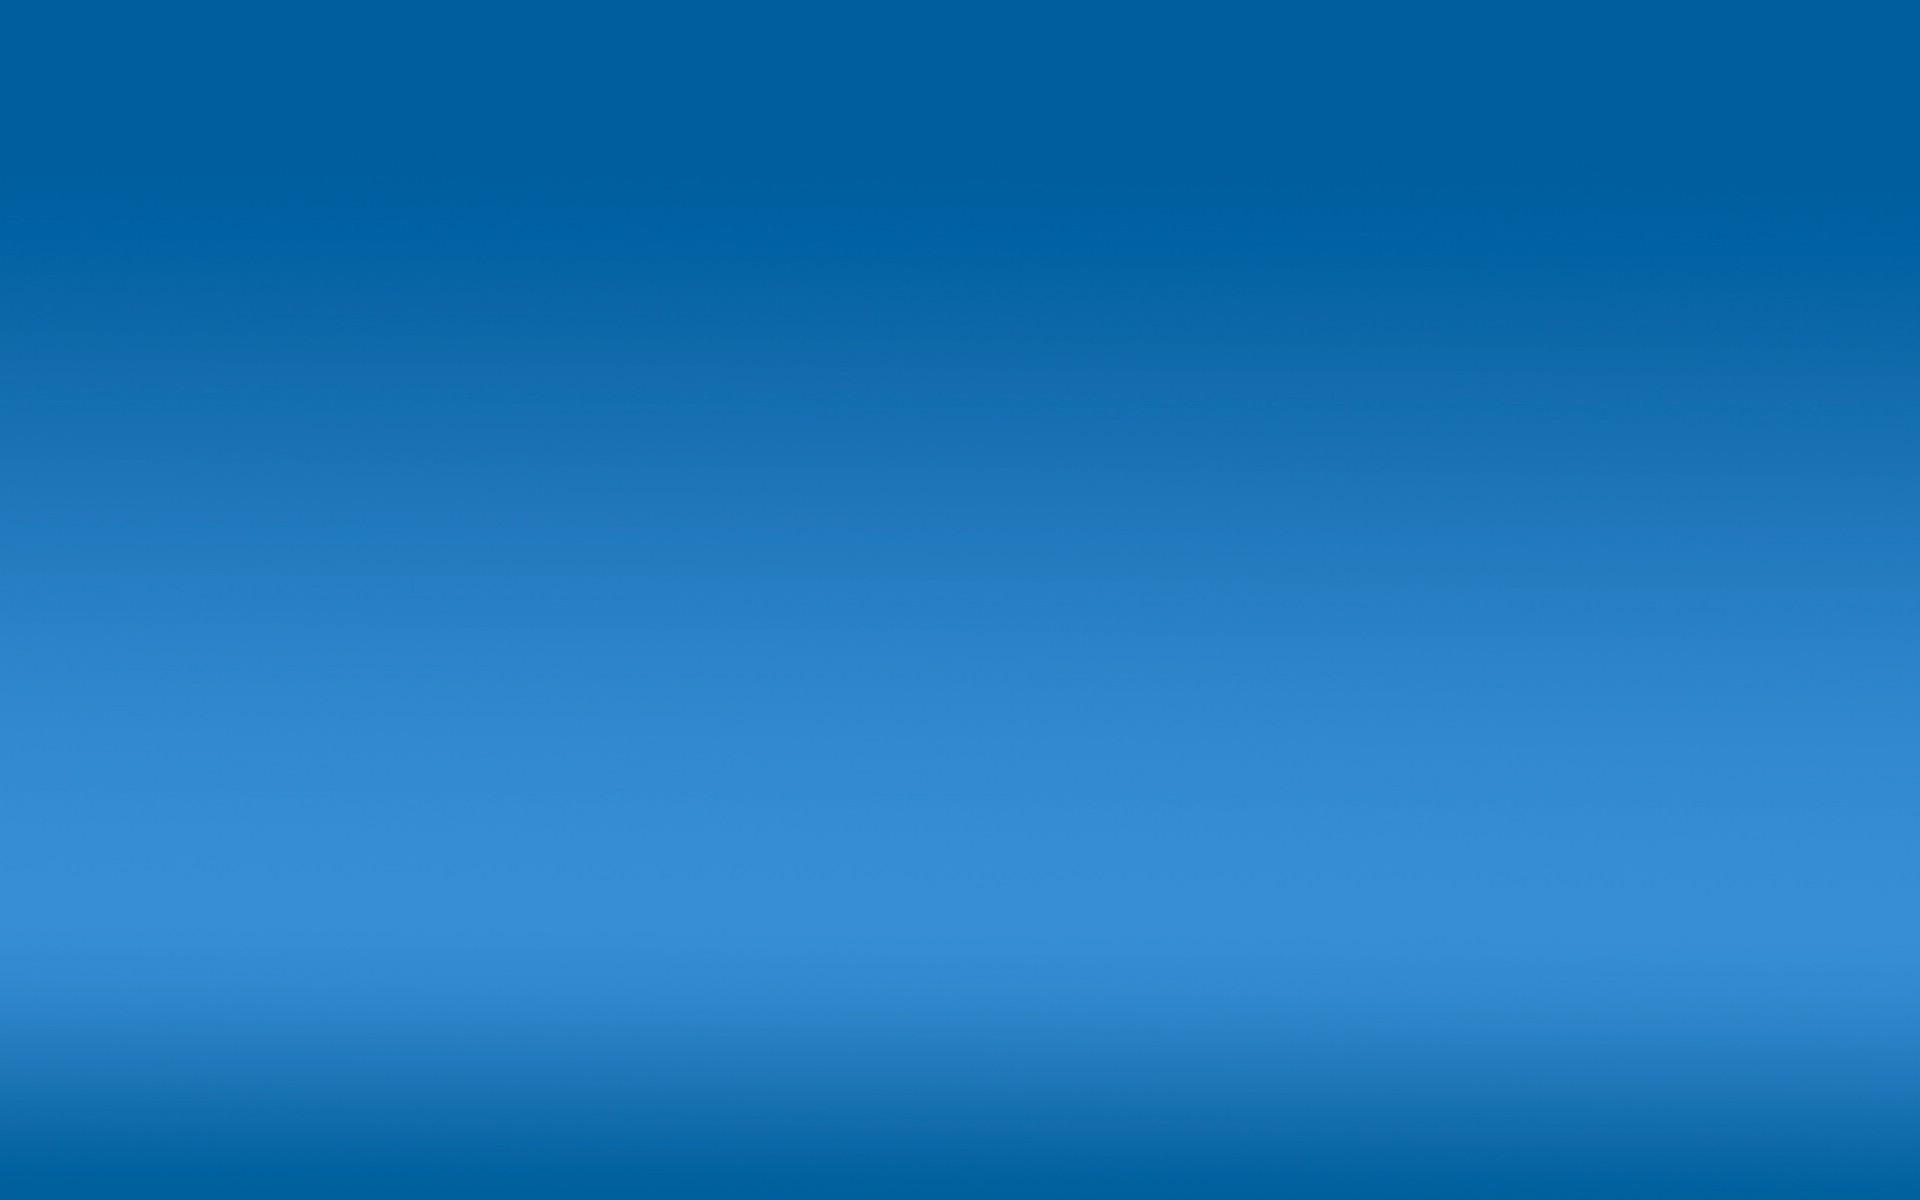 浅蓝色背景素材图图片下载